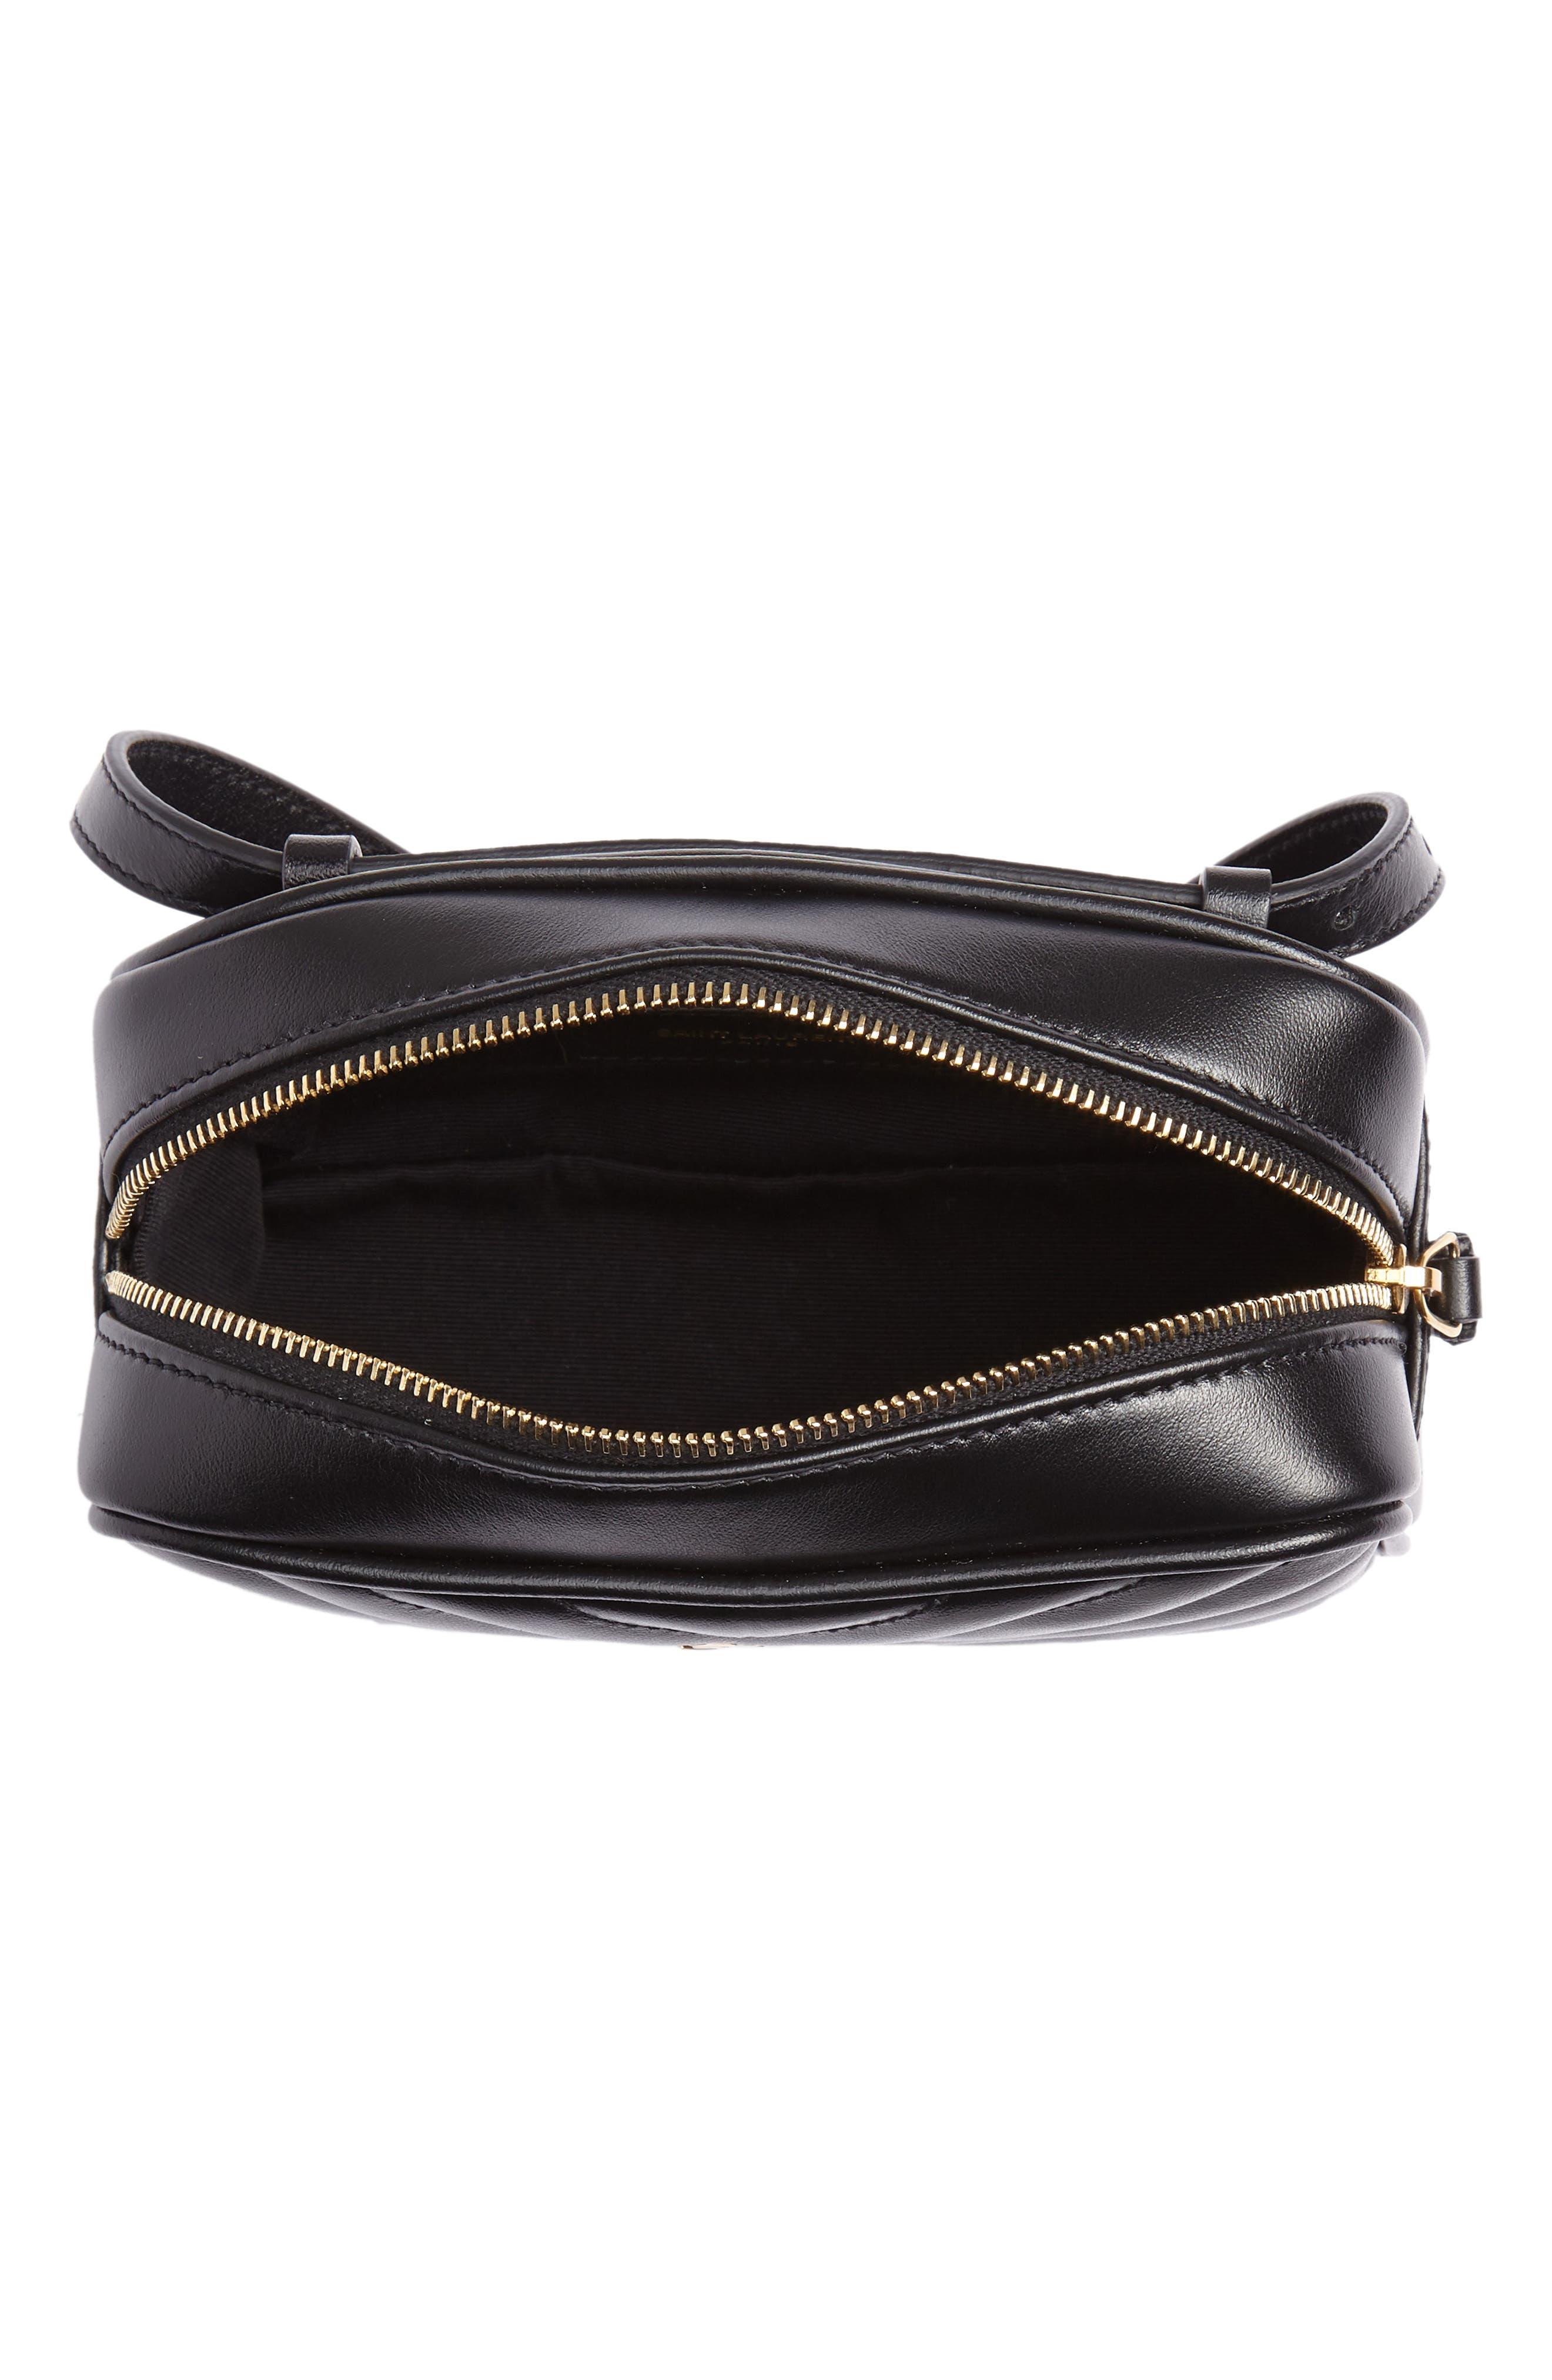 Loulou Matelassé Leather Belt Bag,                             Alternate thumbnail 5, color,                             001